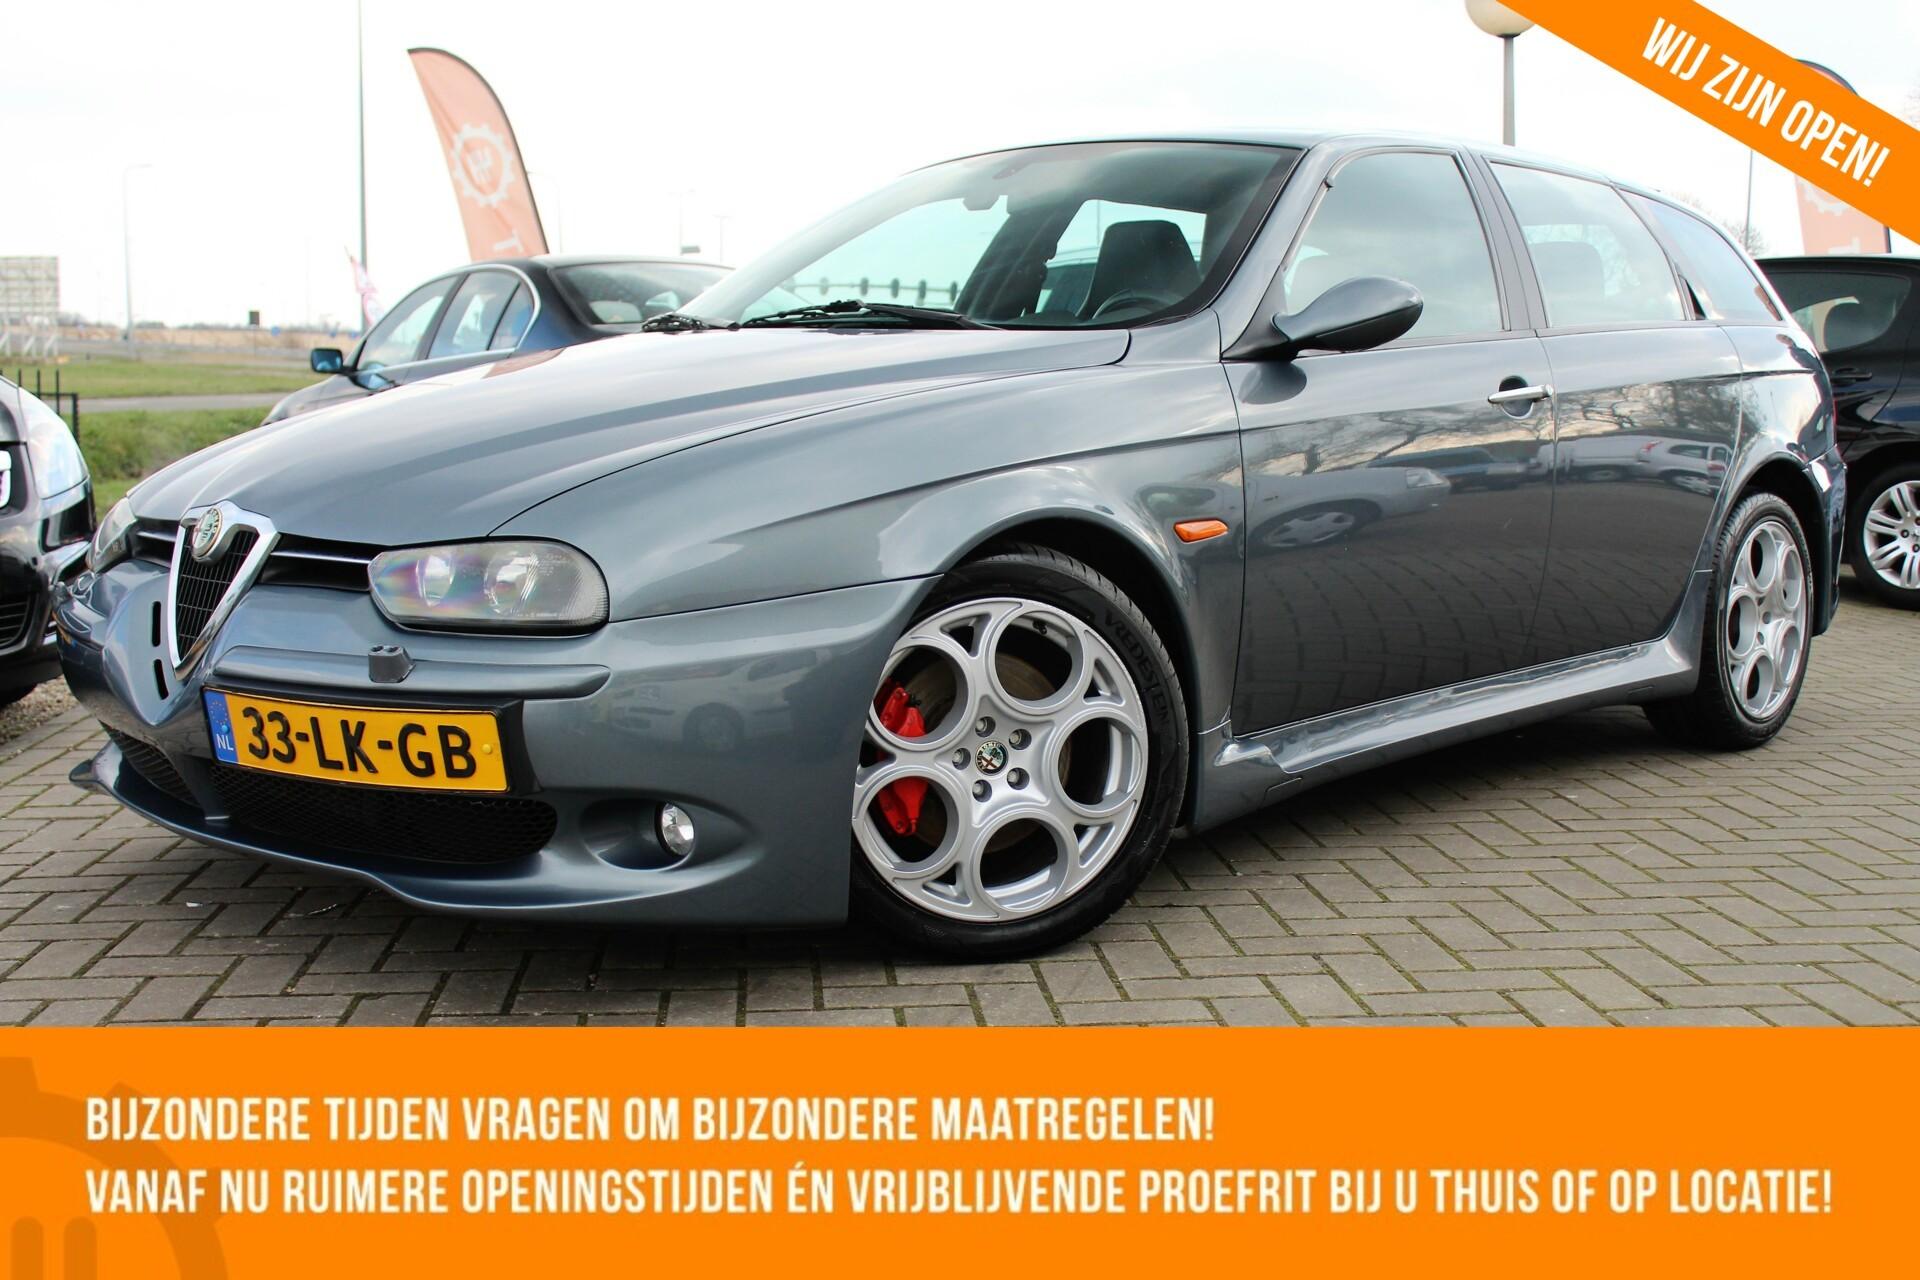 Caroutlet Groningen - Alfa Romeo 156 Sportwagon 3.2 V6 GTA | 1e EIGENAAR | TOP ONDERHOUDEN | ORIGINEEL